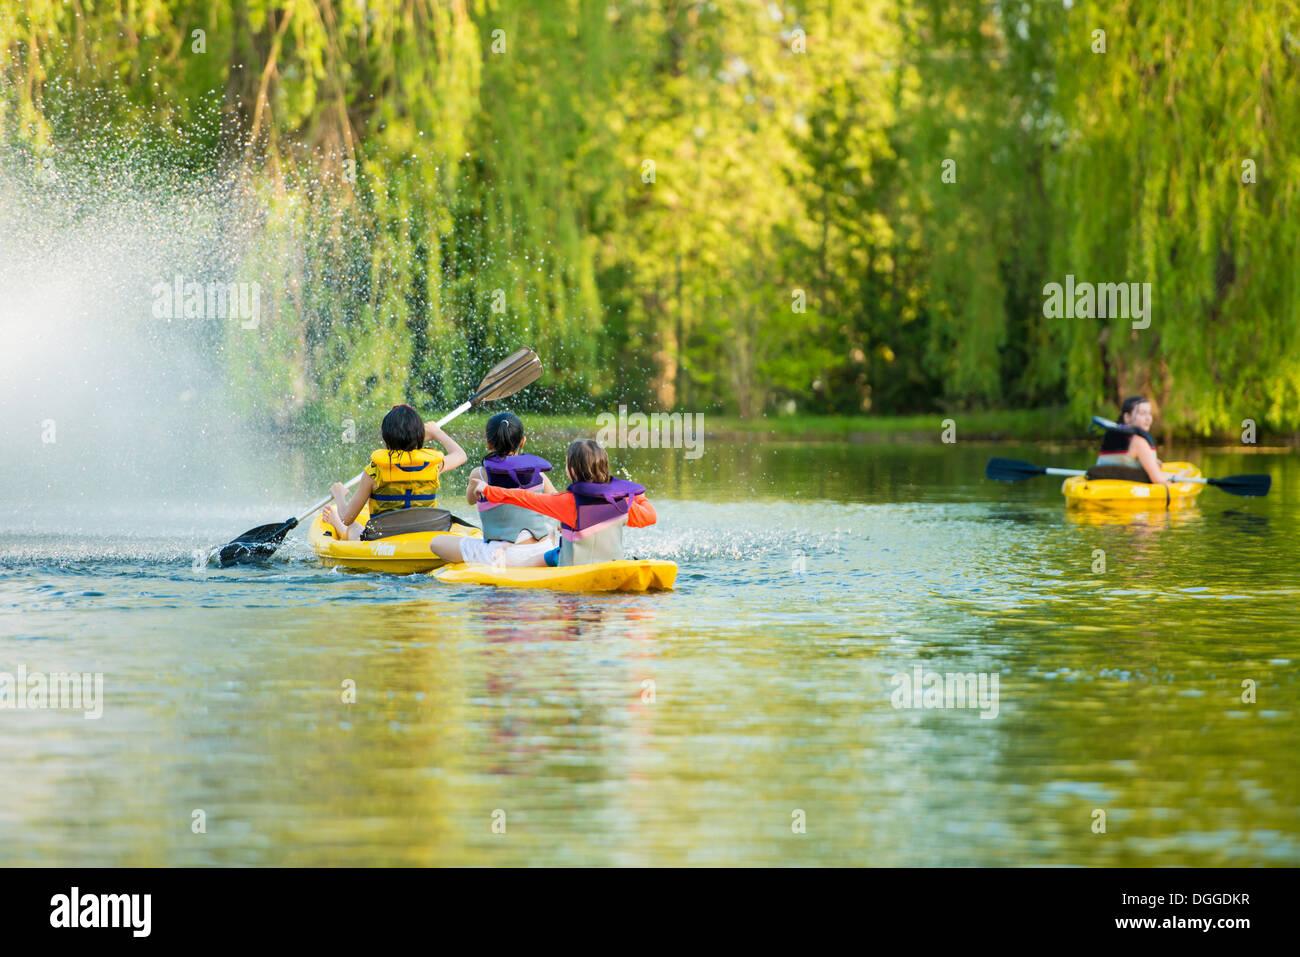 Las niñas canotaje en el lago Imagen De Stock